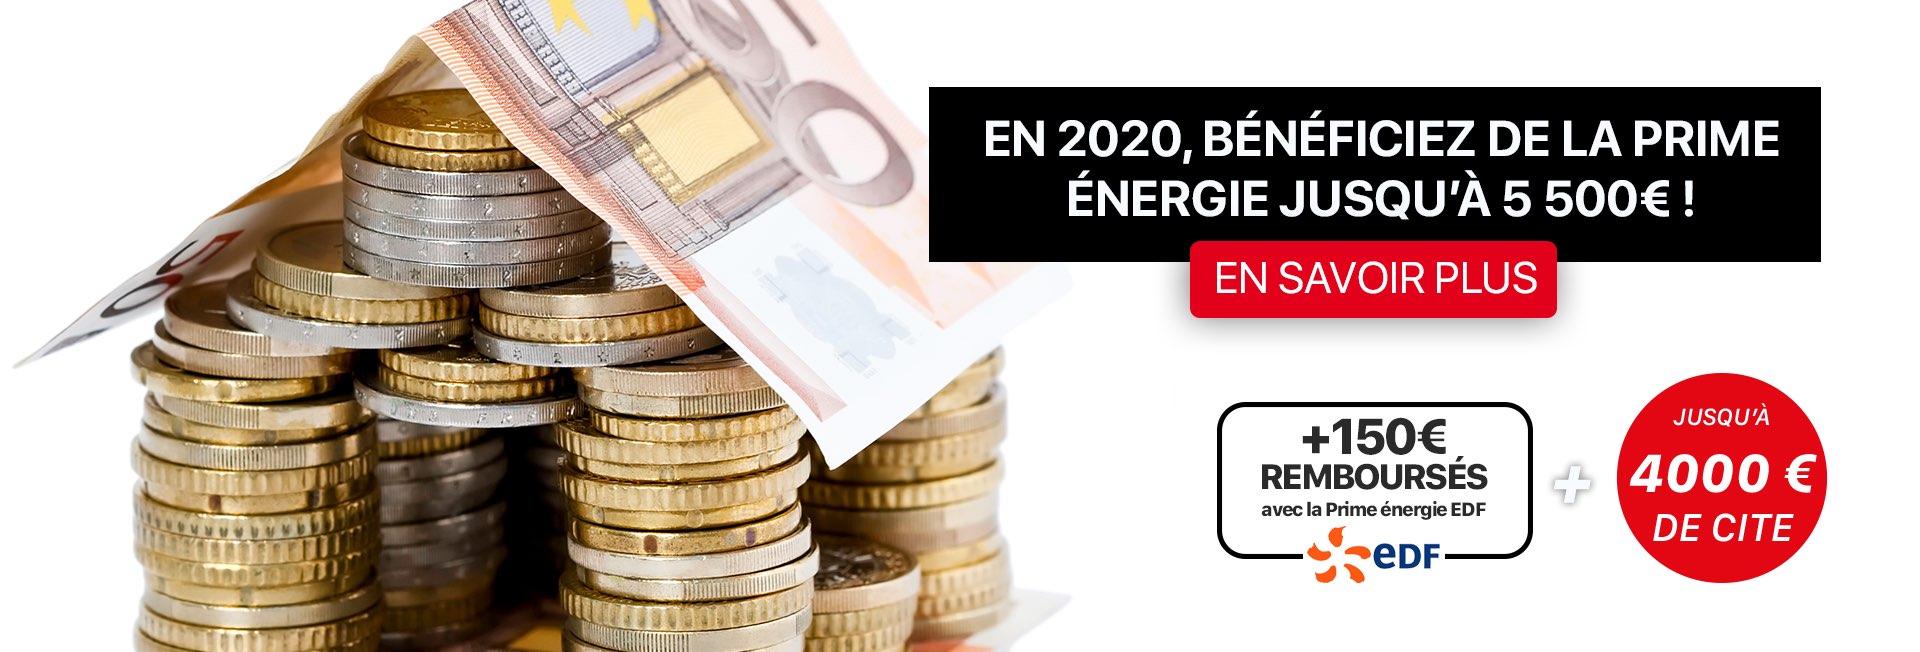 coup-de-pouce-prime-energie-edf-offre-speciale-pompe-a-chaleur-2020